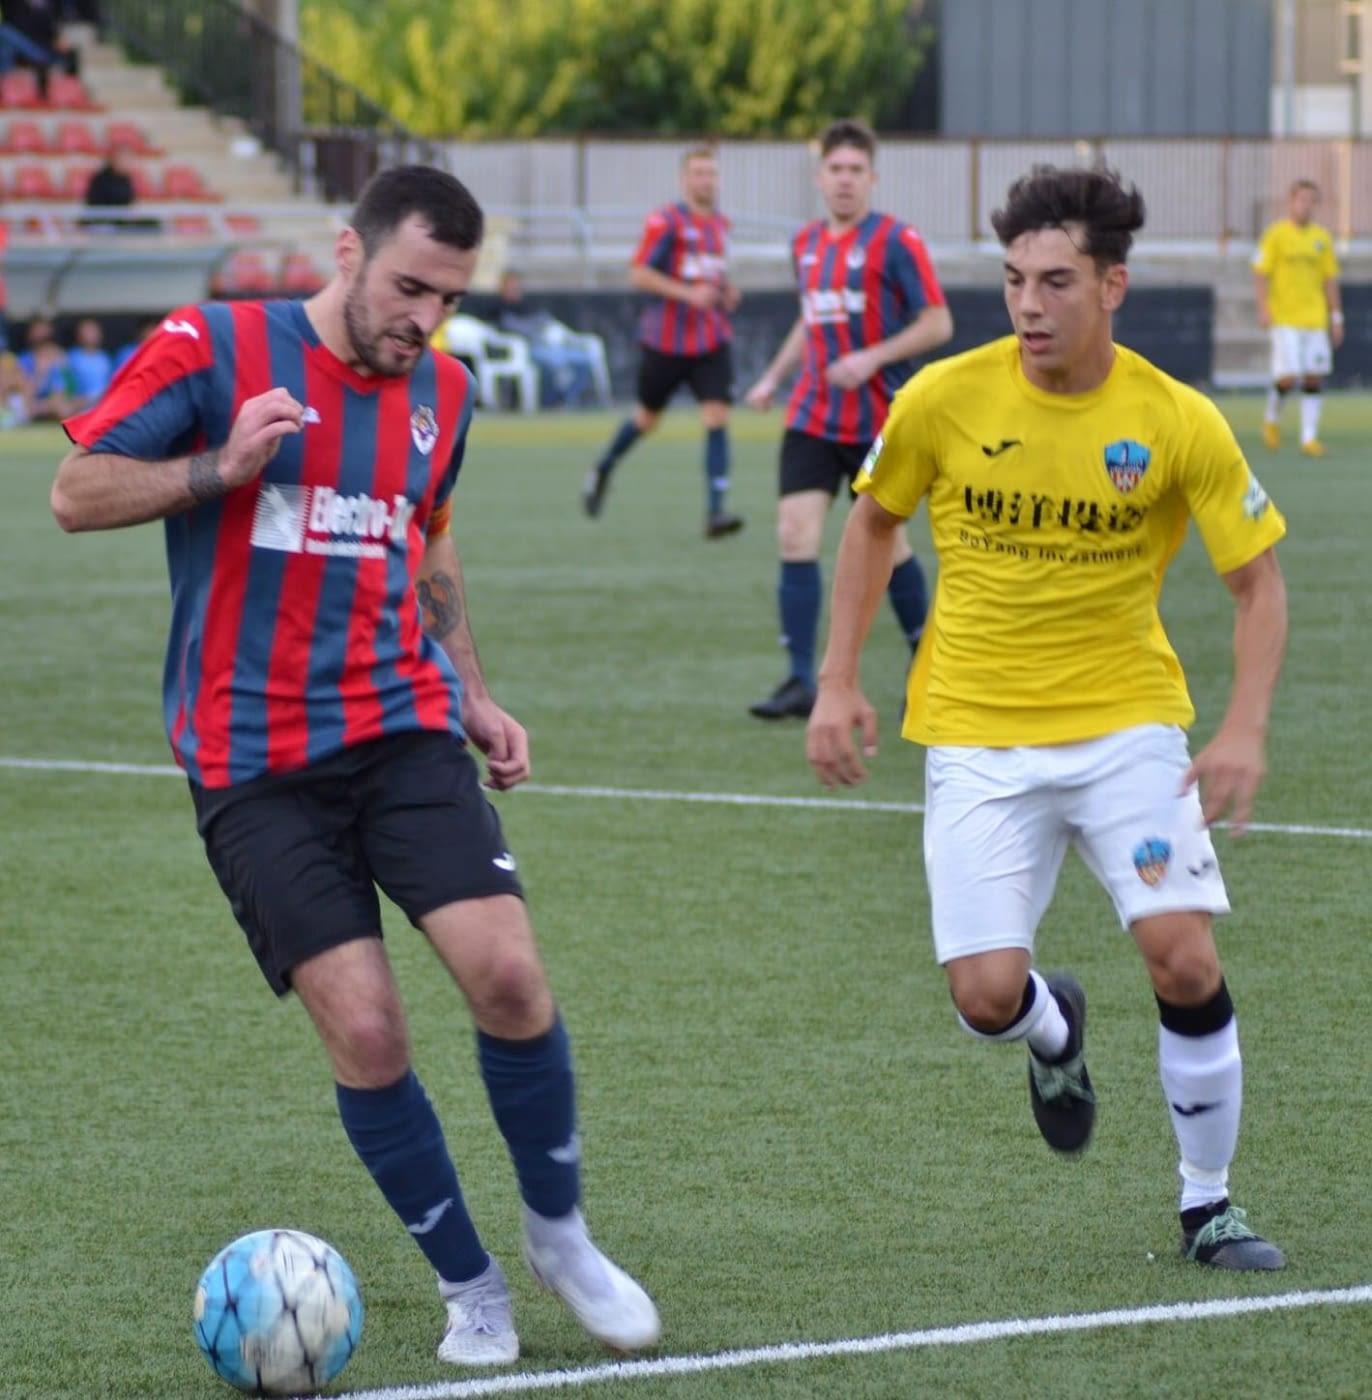 Jornada 6: U.E.Tàrrega 4-0 Lleida esportiu b